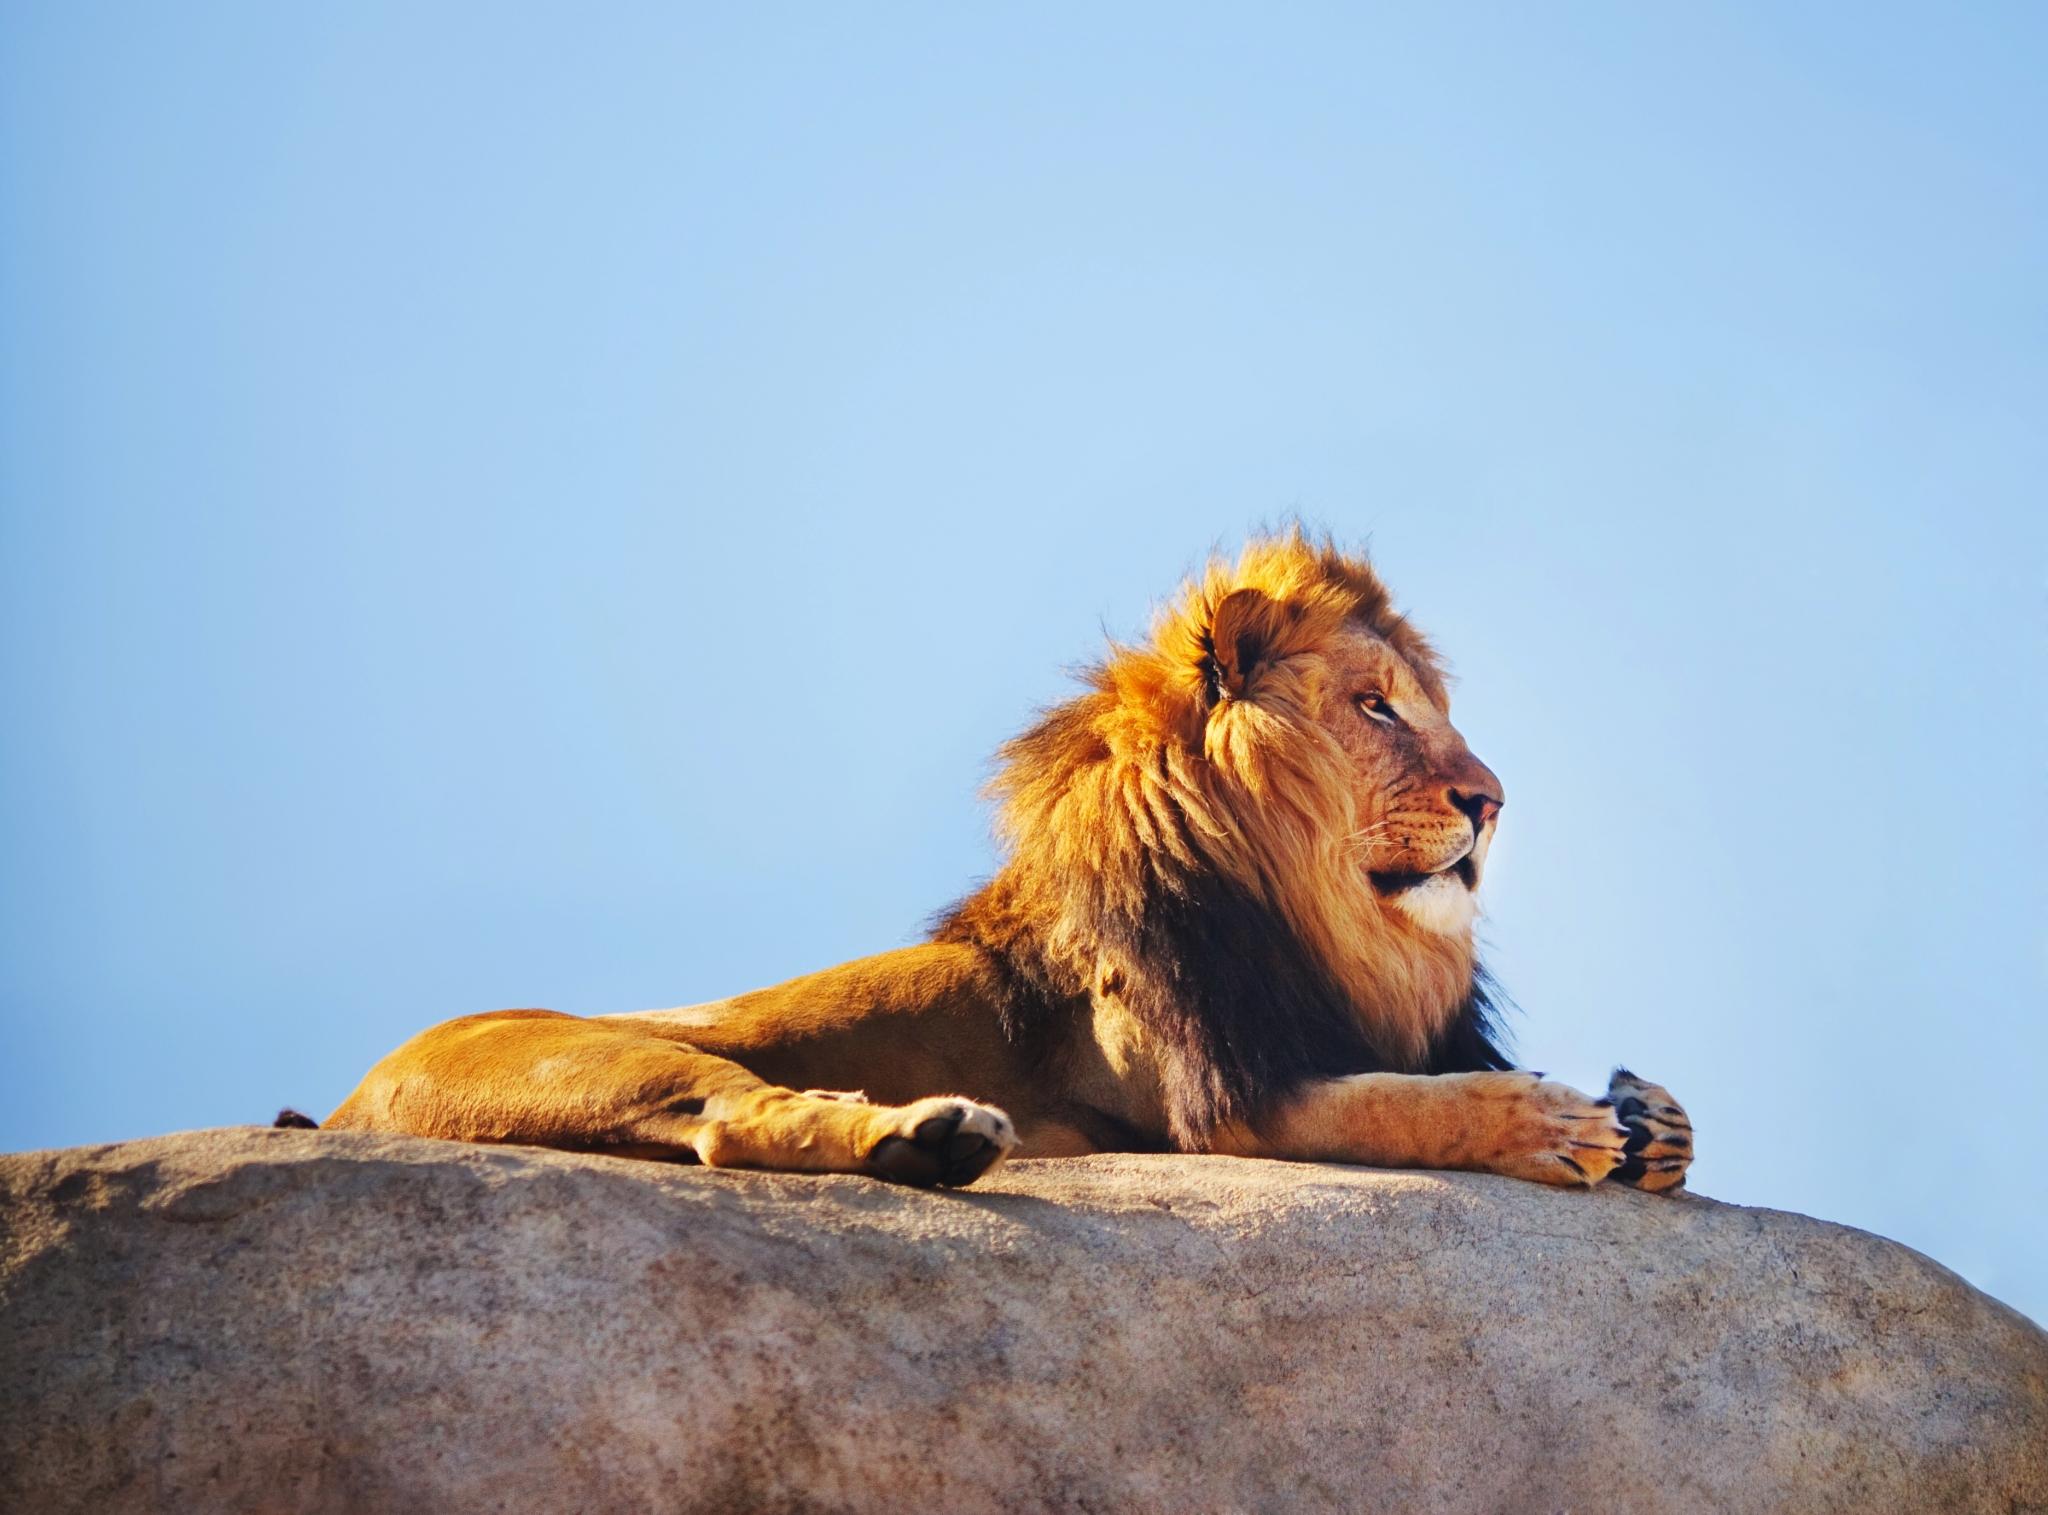 Картинки с днем рождения для львов, картинки 1000